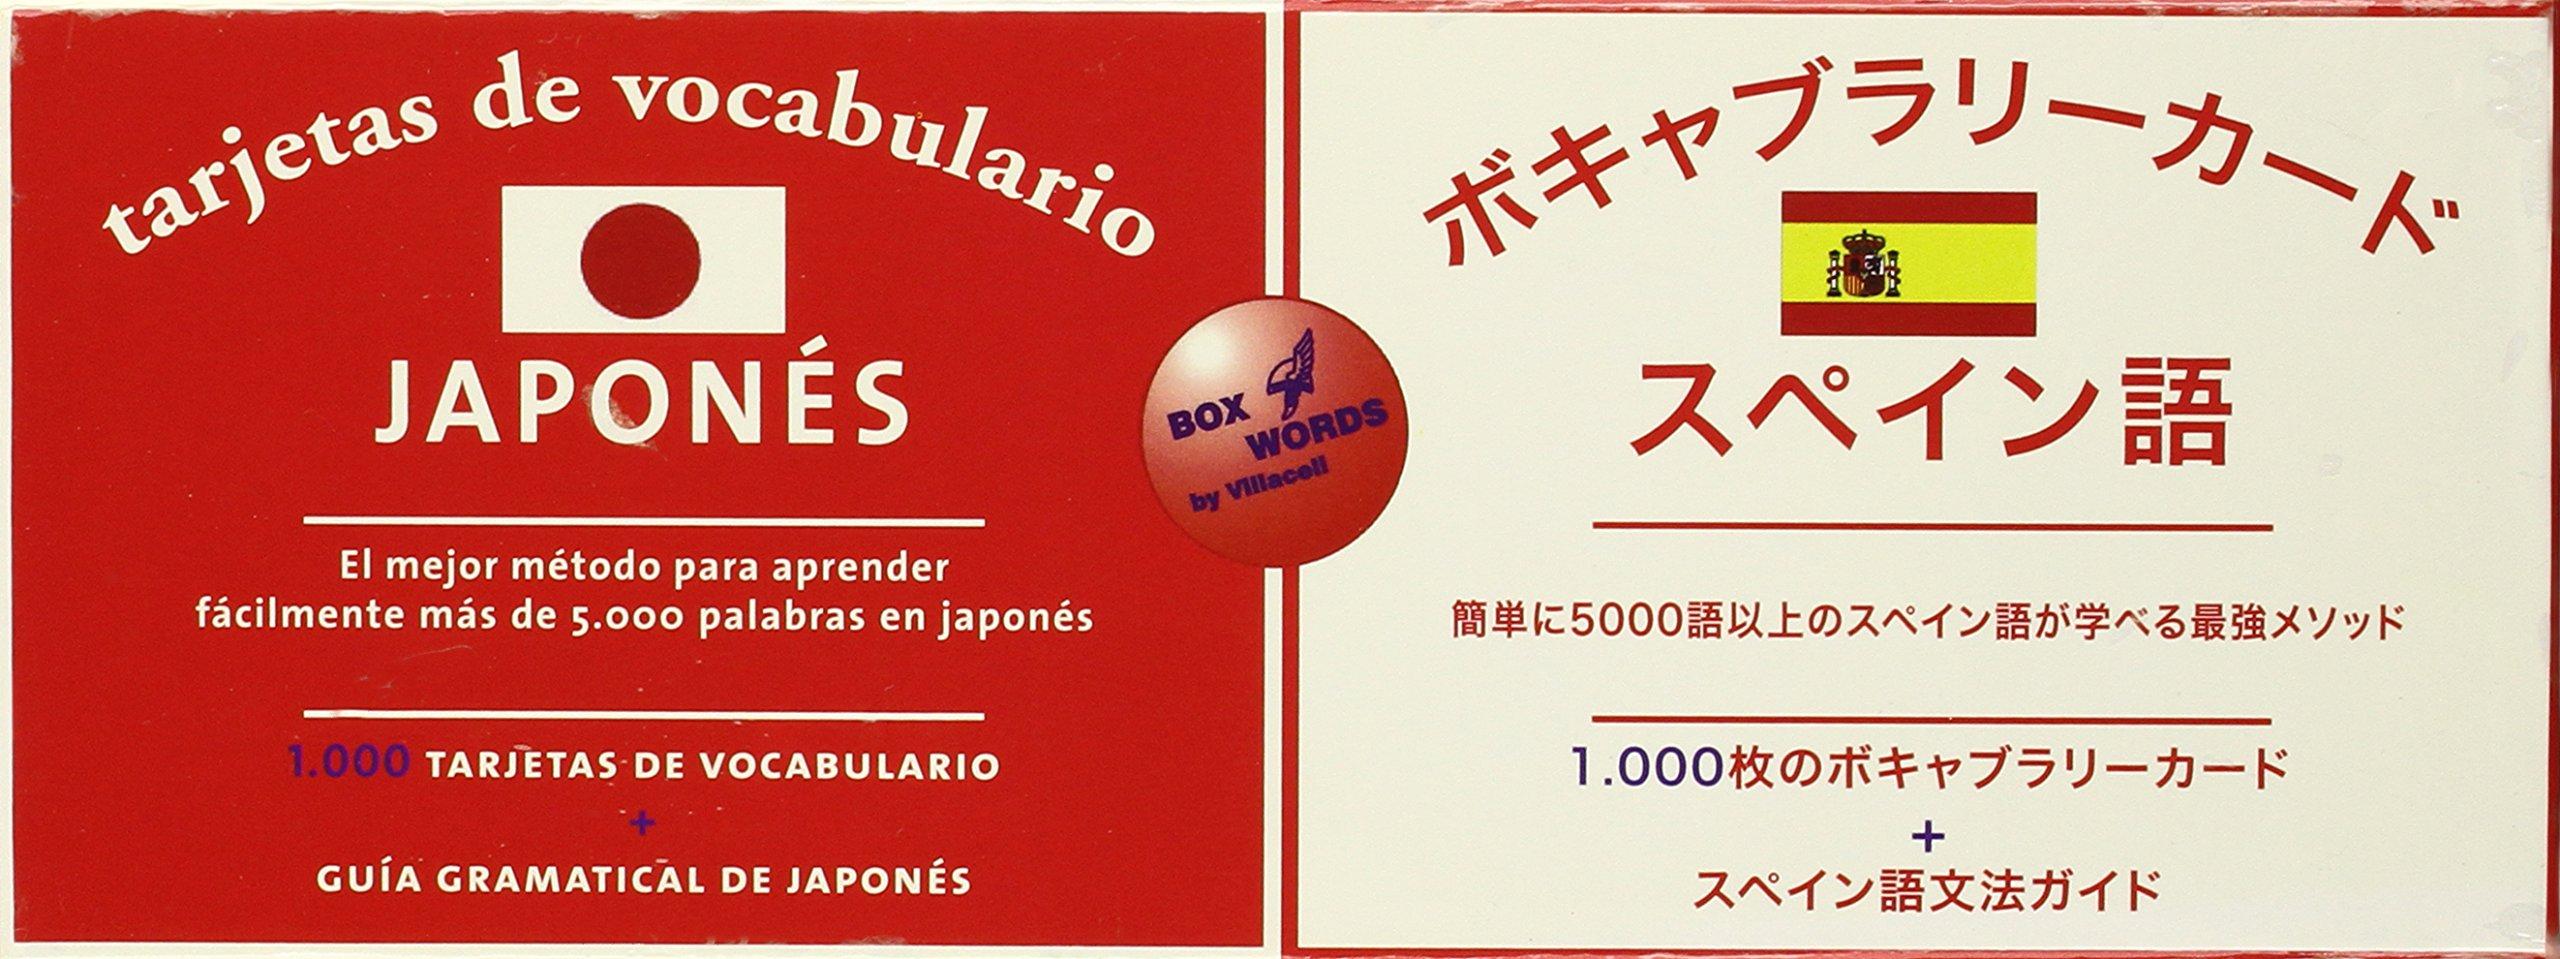 Tarjetas De Vocabulario Japonés-Español: Amazon.es: Alfonso Anaya: Libros